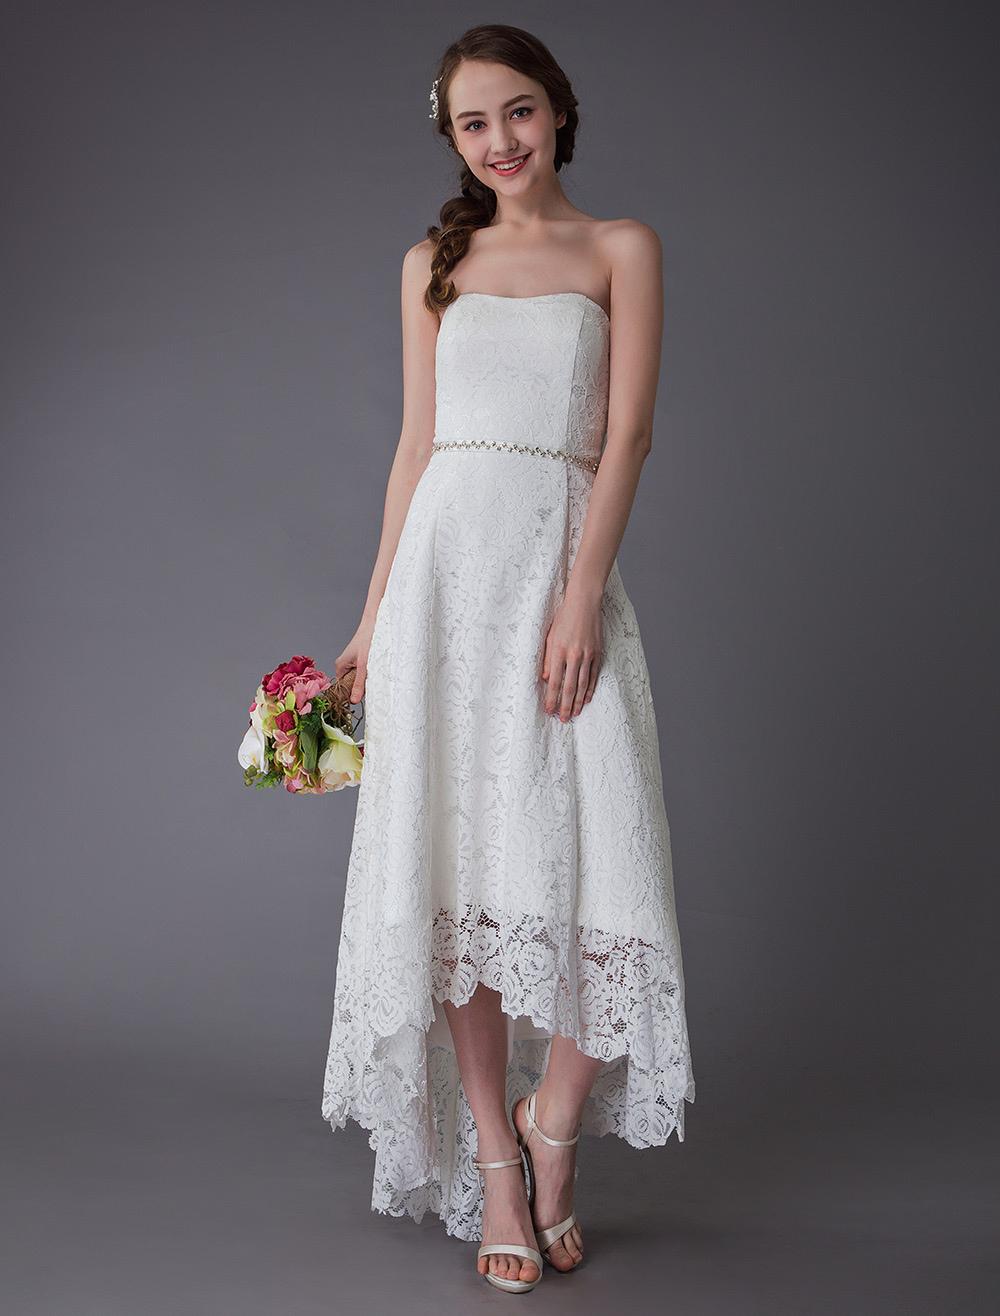 4fb5722dcfa31b0 Асимметричное свадебное платье с короткими кружевными платьями-No.1 ...